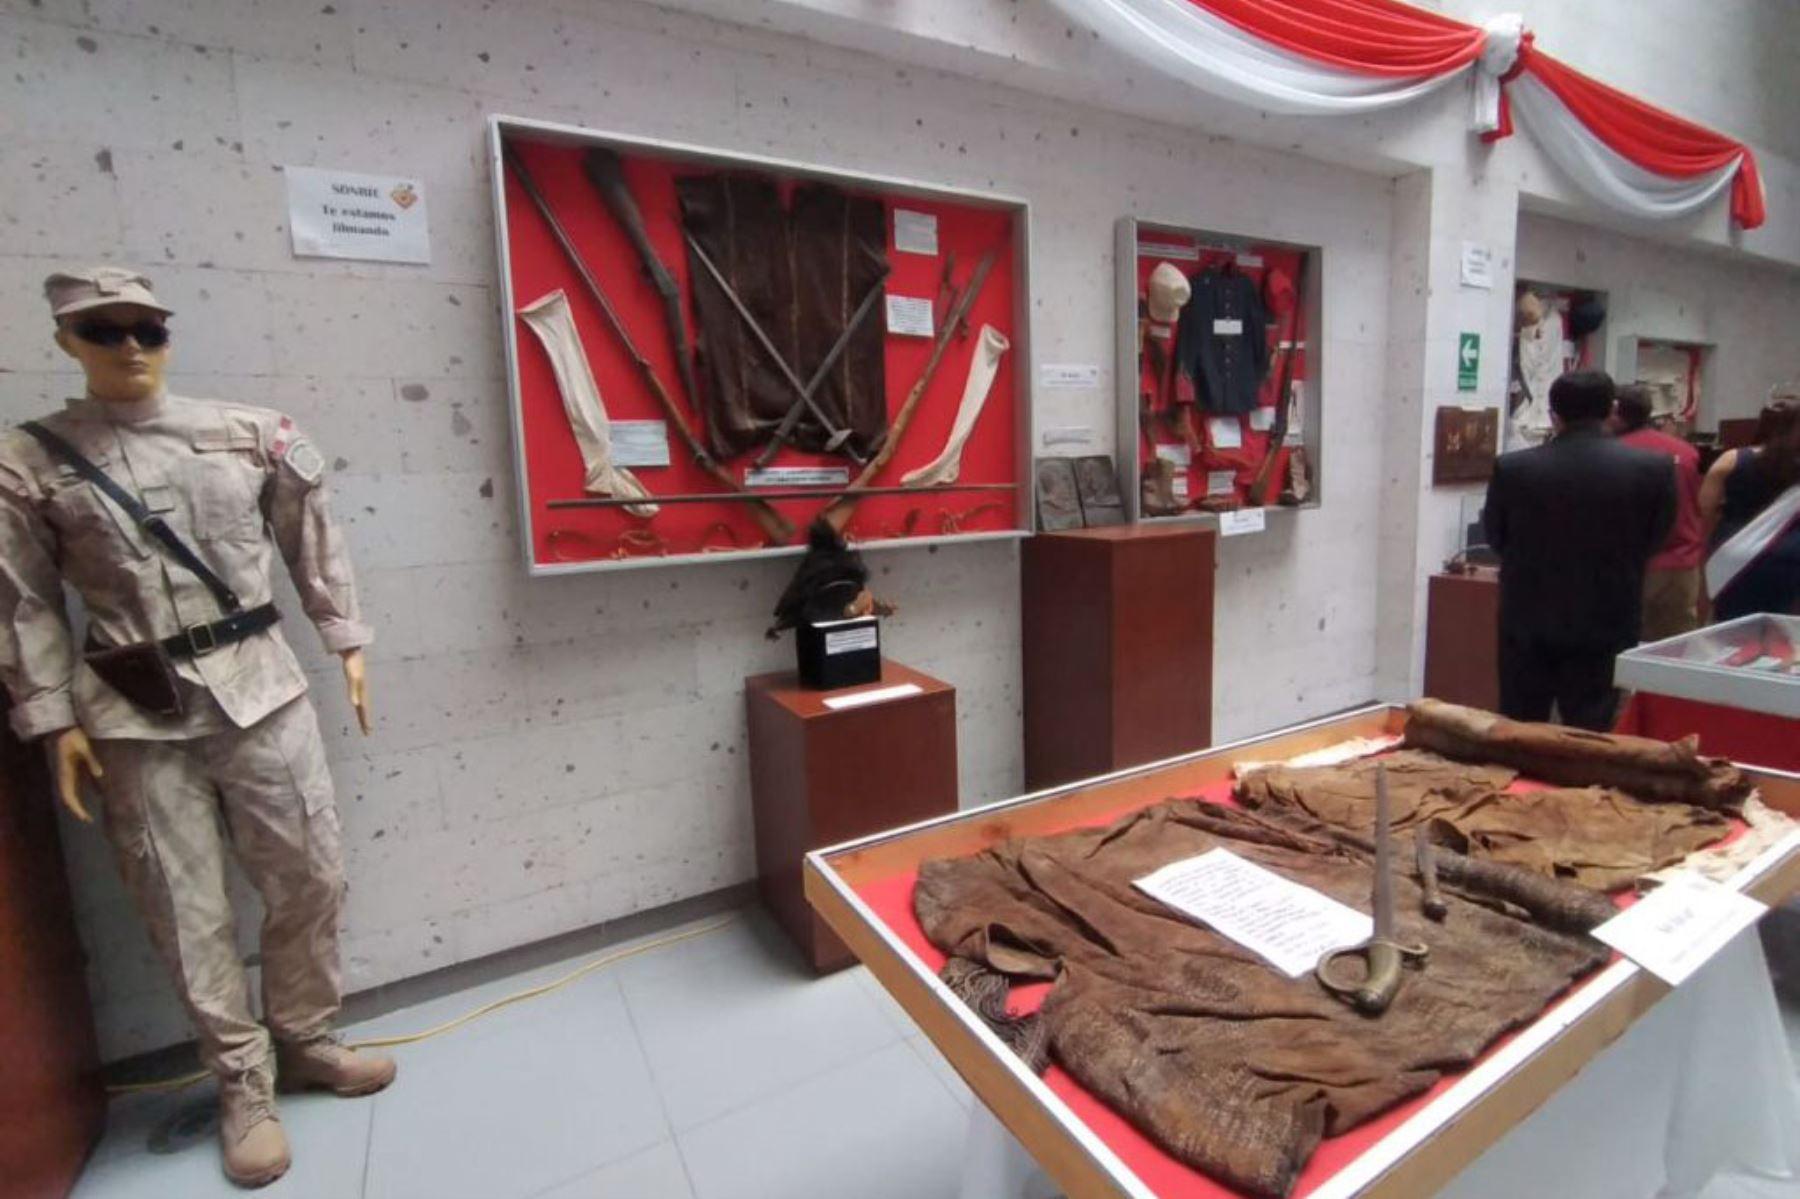 Bicentenario: exhiben en Socabaya prendas y otras piezas usadas en la guerra con Chile